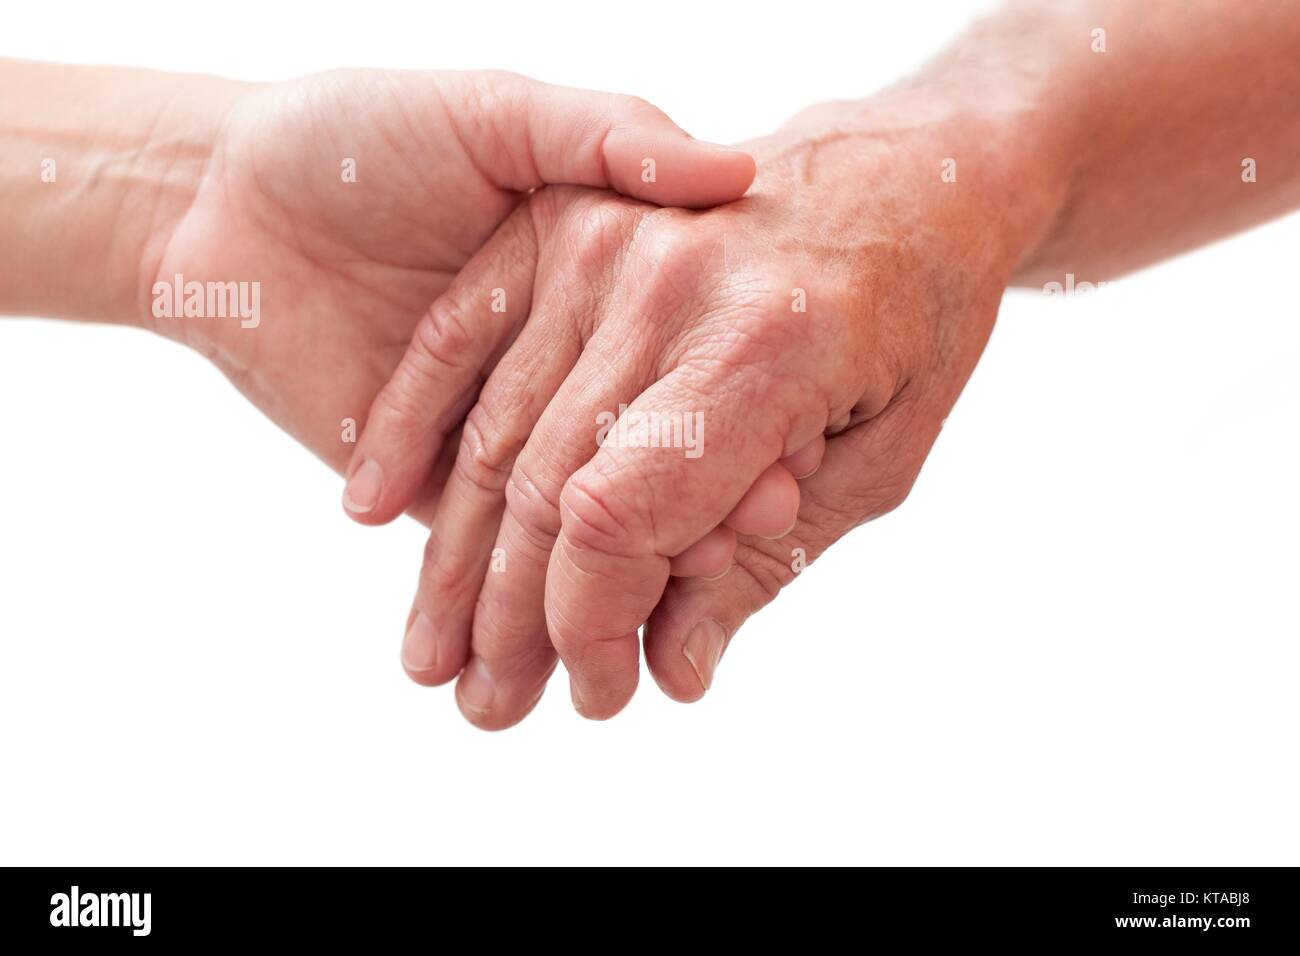 Personne tenant la main de l'autre, Close up. Photo Stock